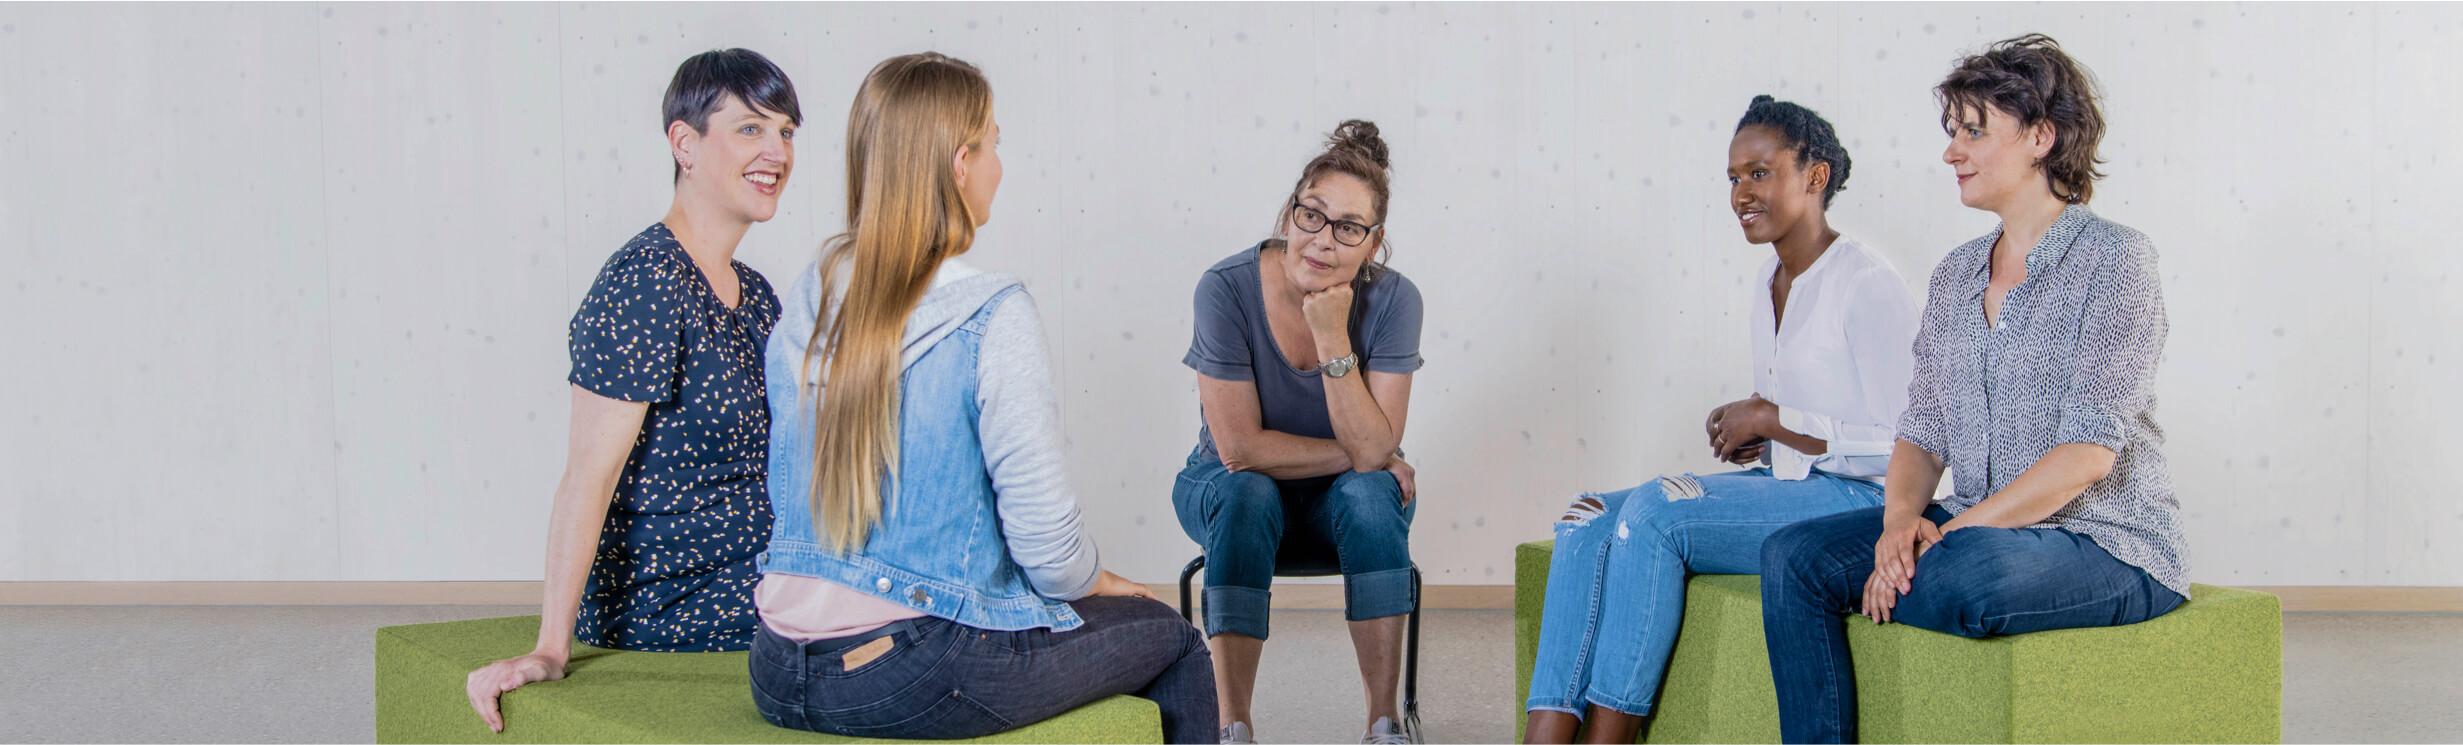 eine Gruppe von Frauen sitzt auf einem grünen Sofa und unterhält sich, alle hören einer jungen Dame zu